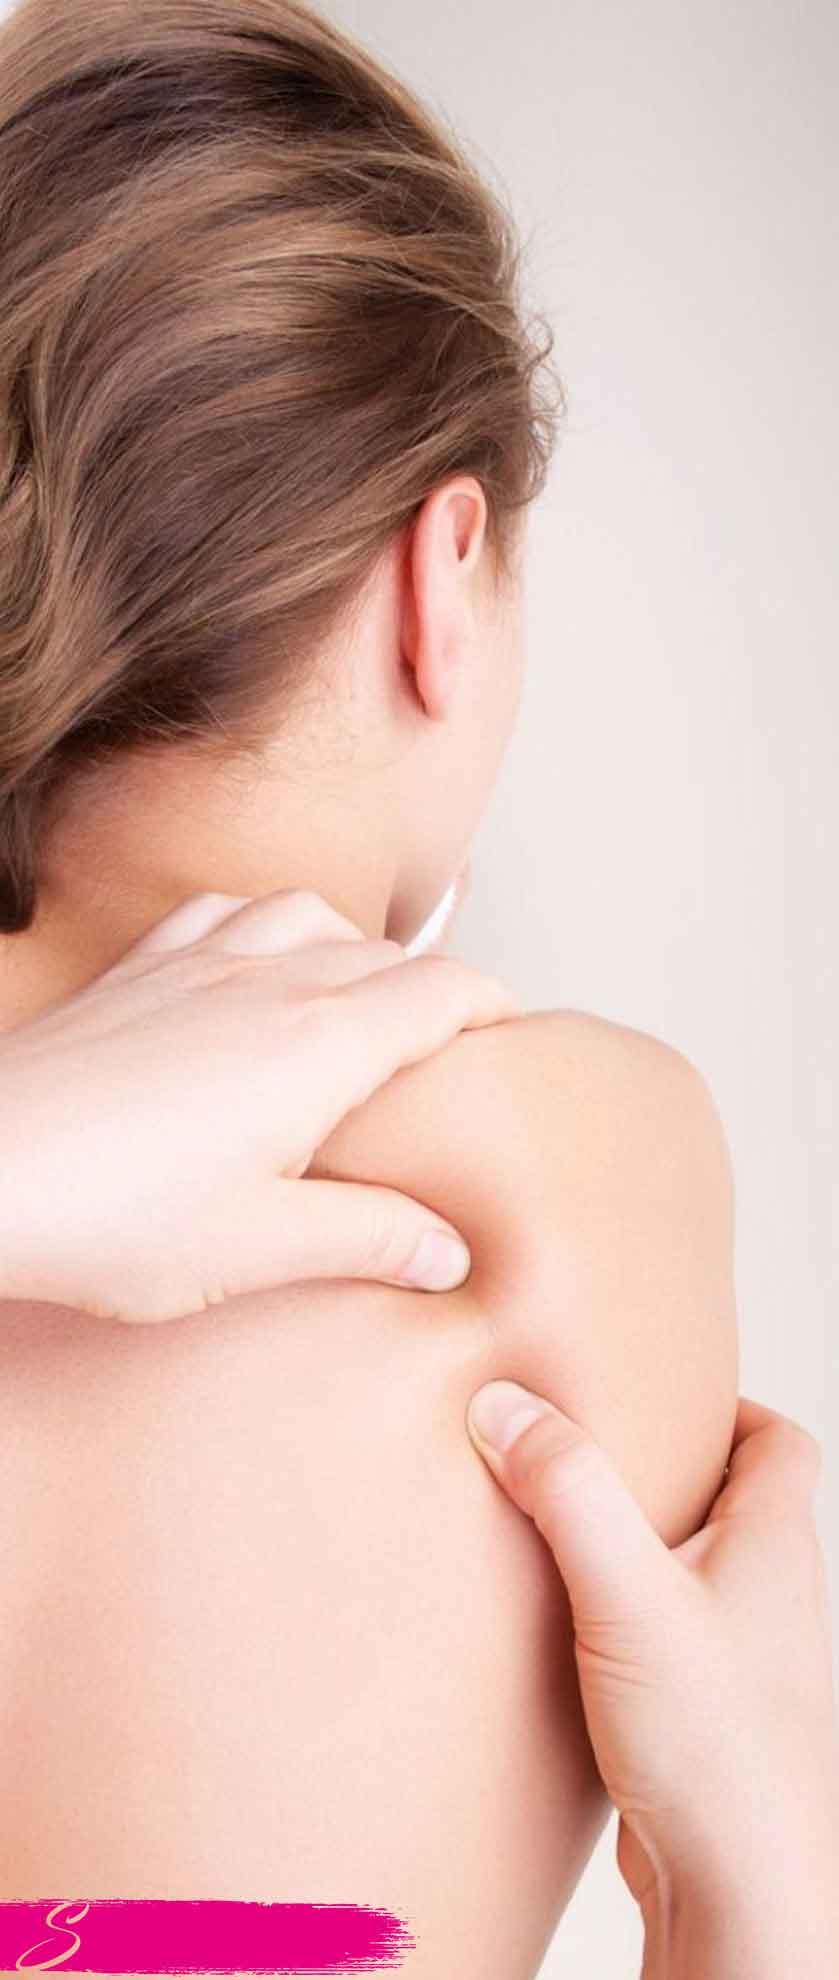 estetista-ciampino-sensazioni-trattamenti-benessere-massaggio-connettivale